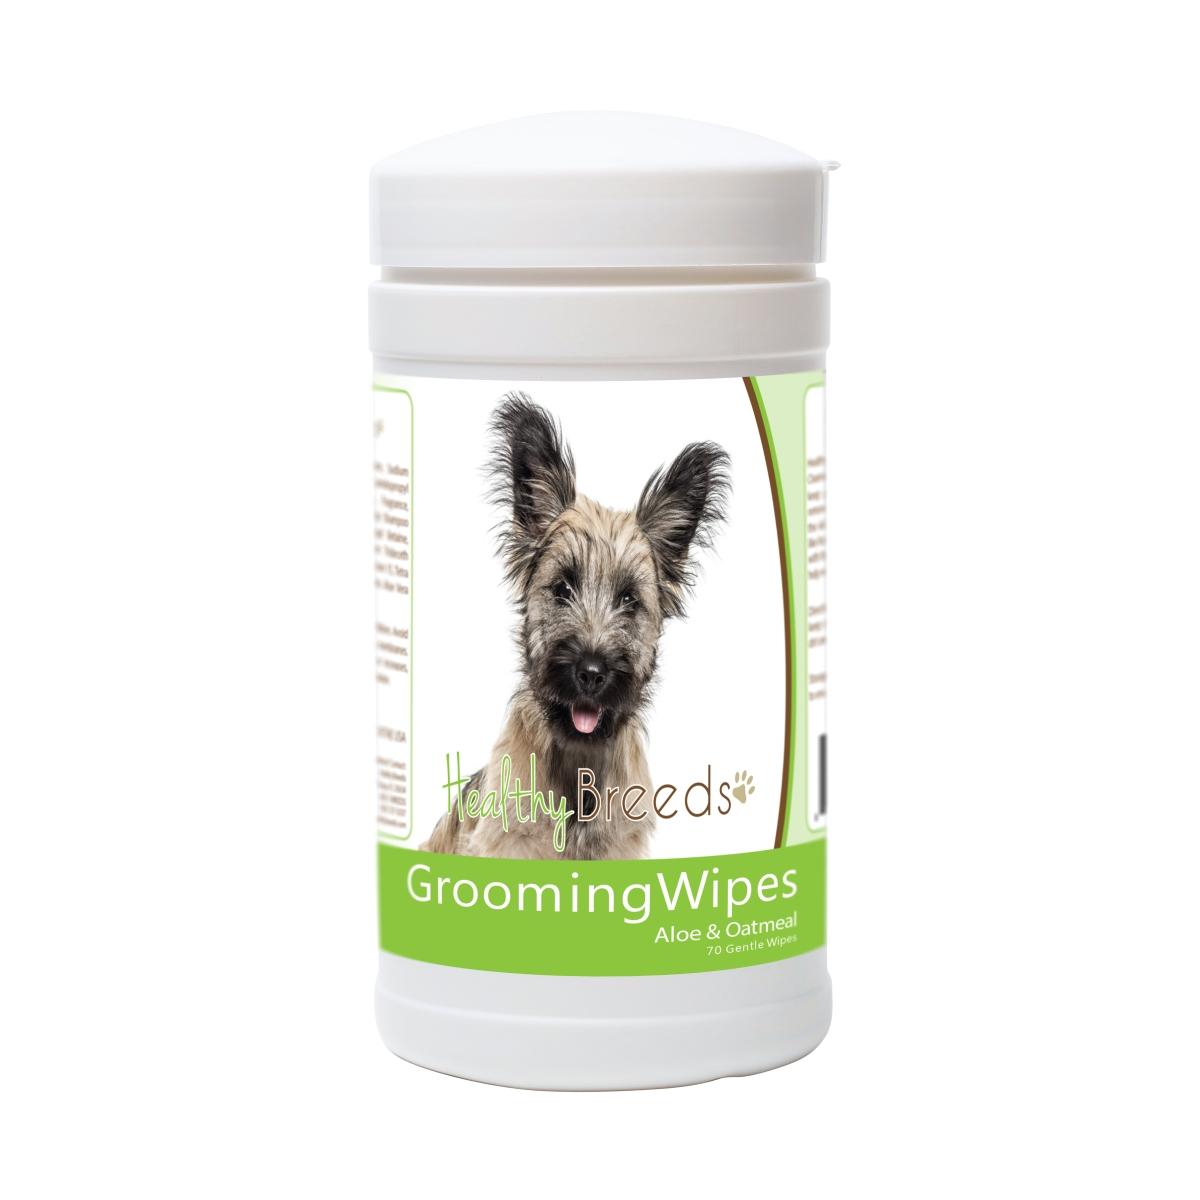 Healthy Breeds 840235178613 Skye Terrier Grooming Wipes - 70 Count